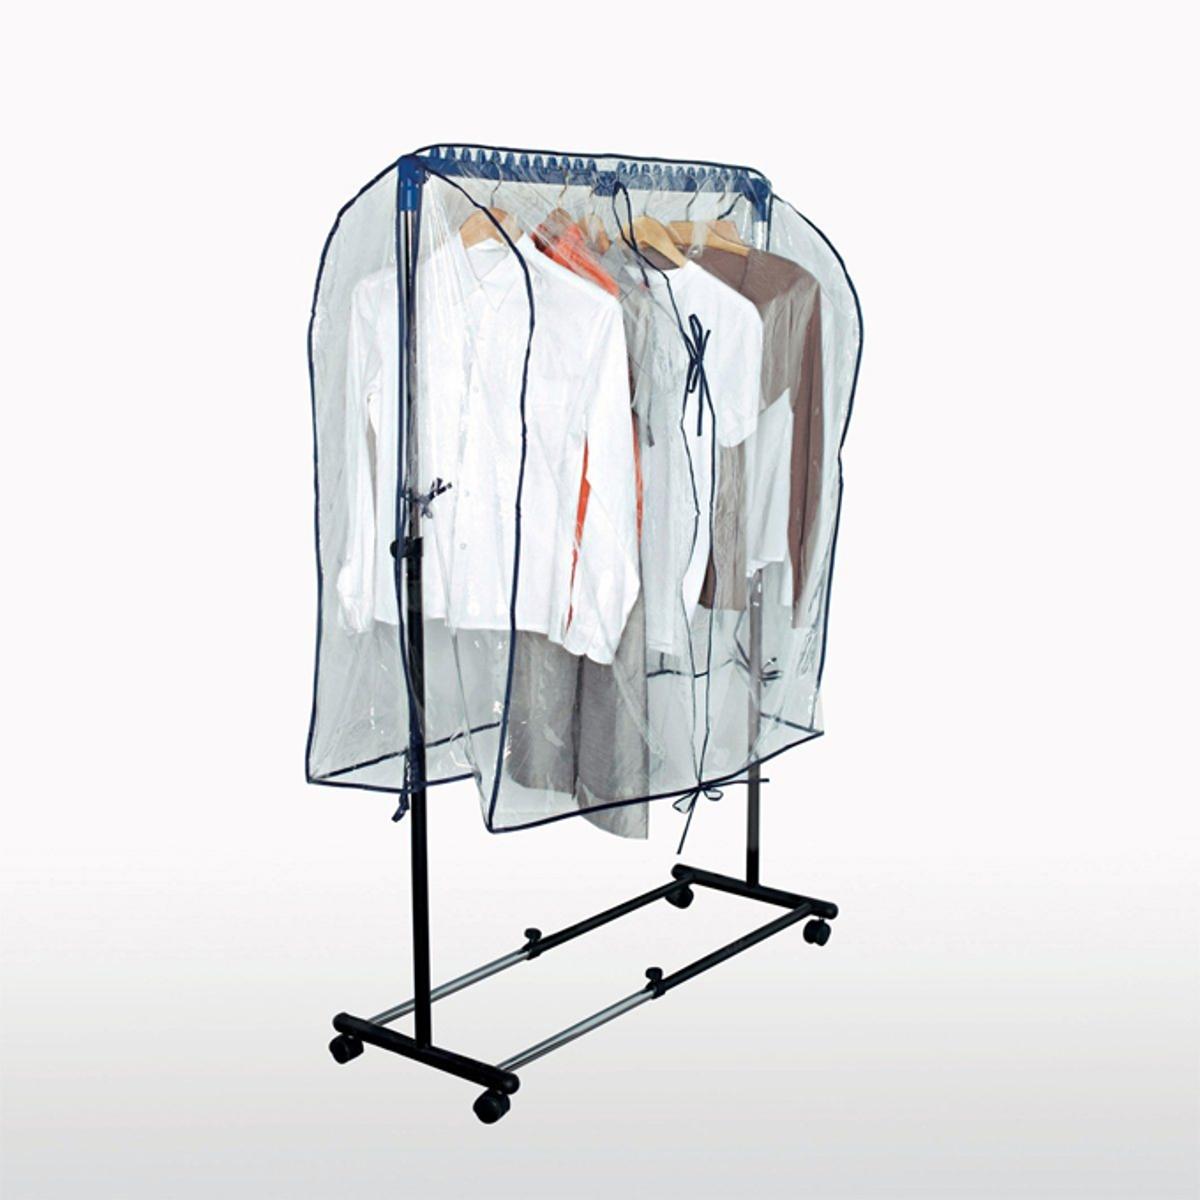 Чехол для вешалкиЧехол для вешалки защищает Вашу одежду от пыли.Описание чехла :- Из прозрачного полиэтилена.- Отделка синей каймой.ОПИСАНИЕ ЧЕХЛА :- Завязки по бокам.Размеры :- Ш100 x В55 x Г91 см.Чехол адаптируется по размеру к раздвижной вешалке на колесиках и вешалке с регулировкой по высоте, которые можно приобрести на нашем сайте.<br><br>Цвет: прозрачный<br>Размер: единый размер